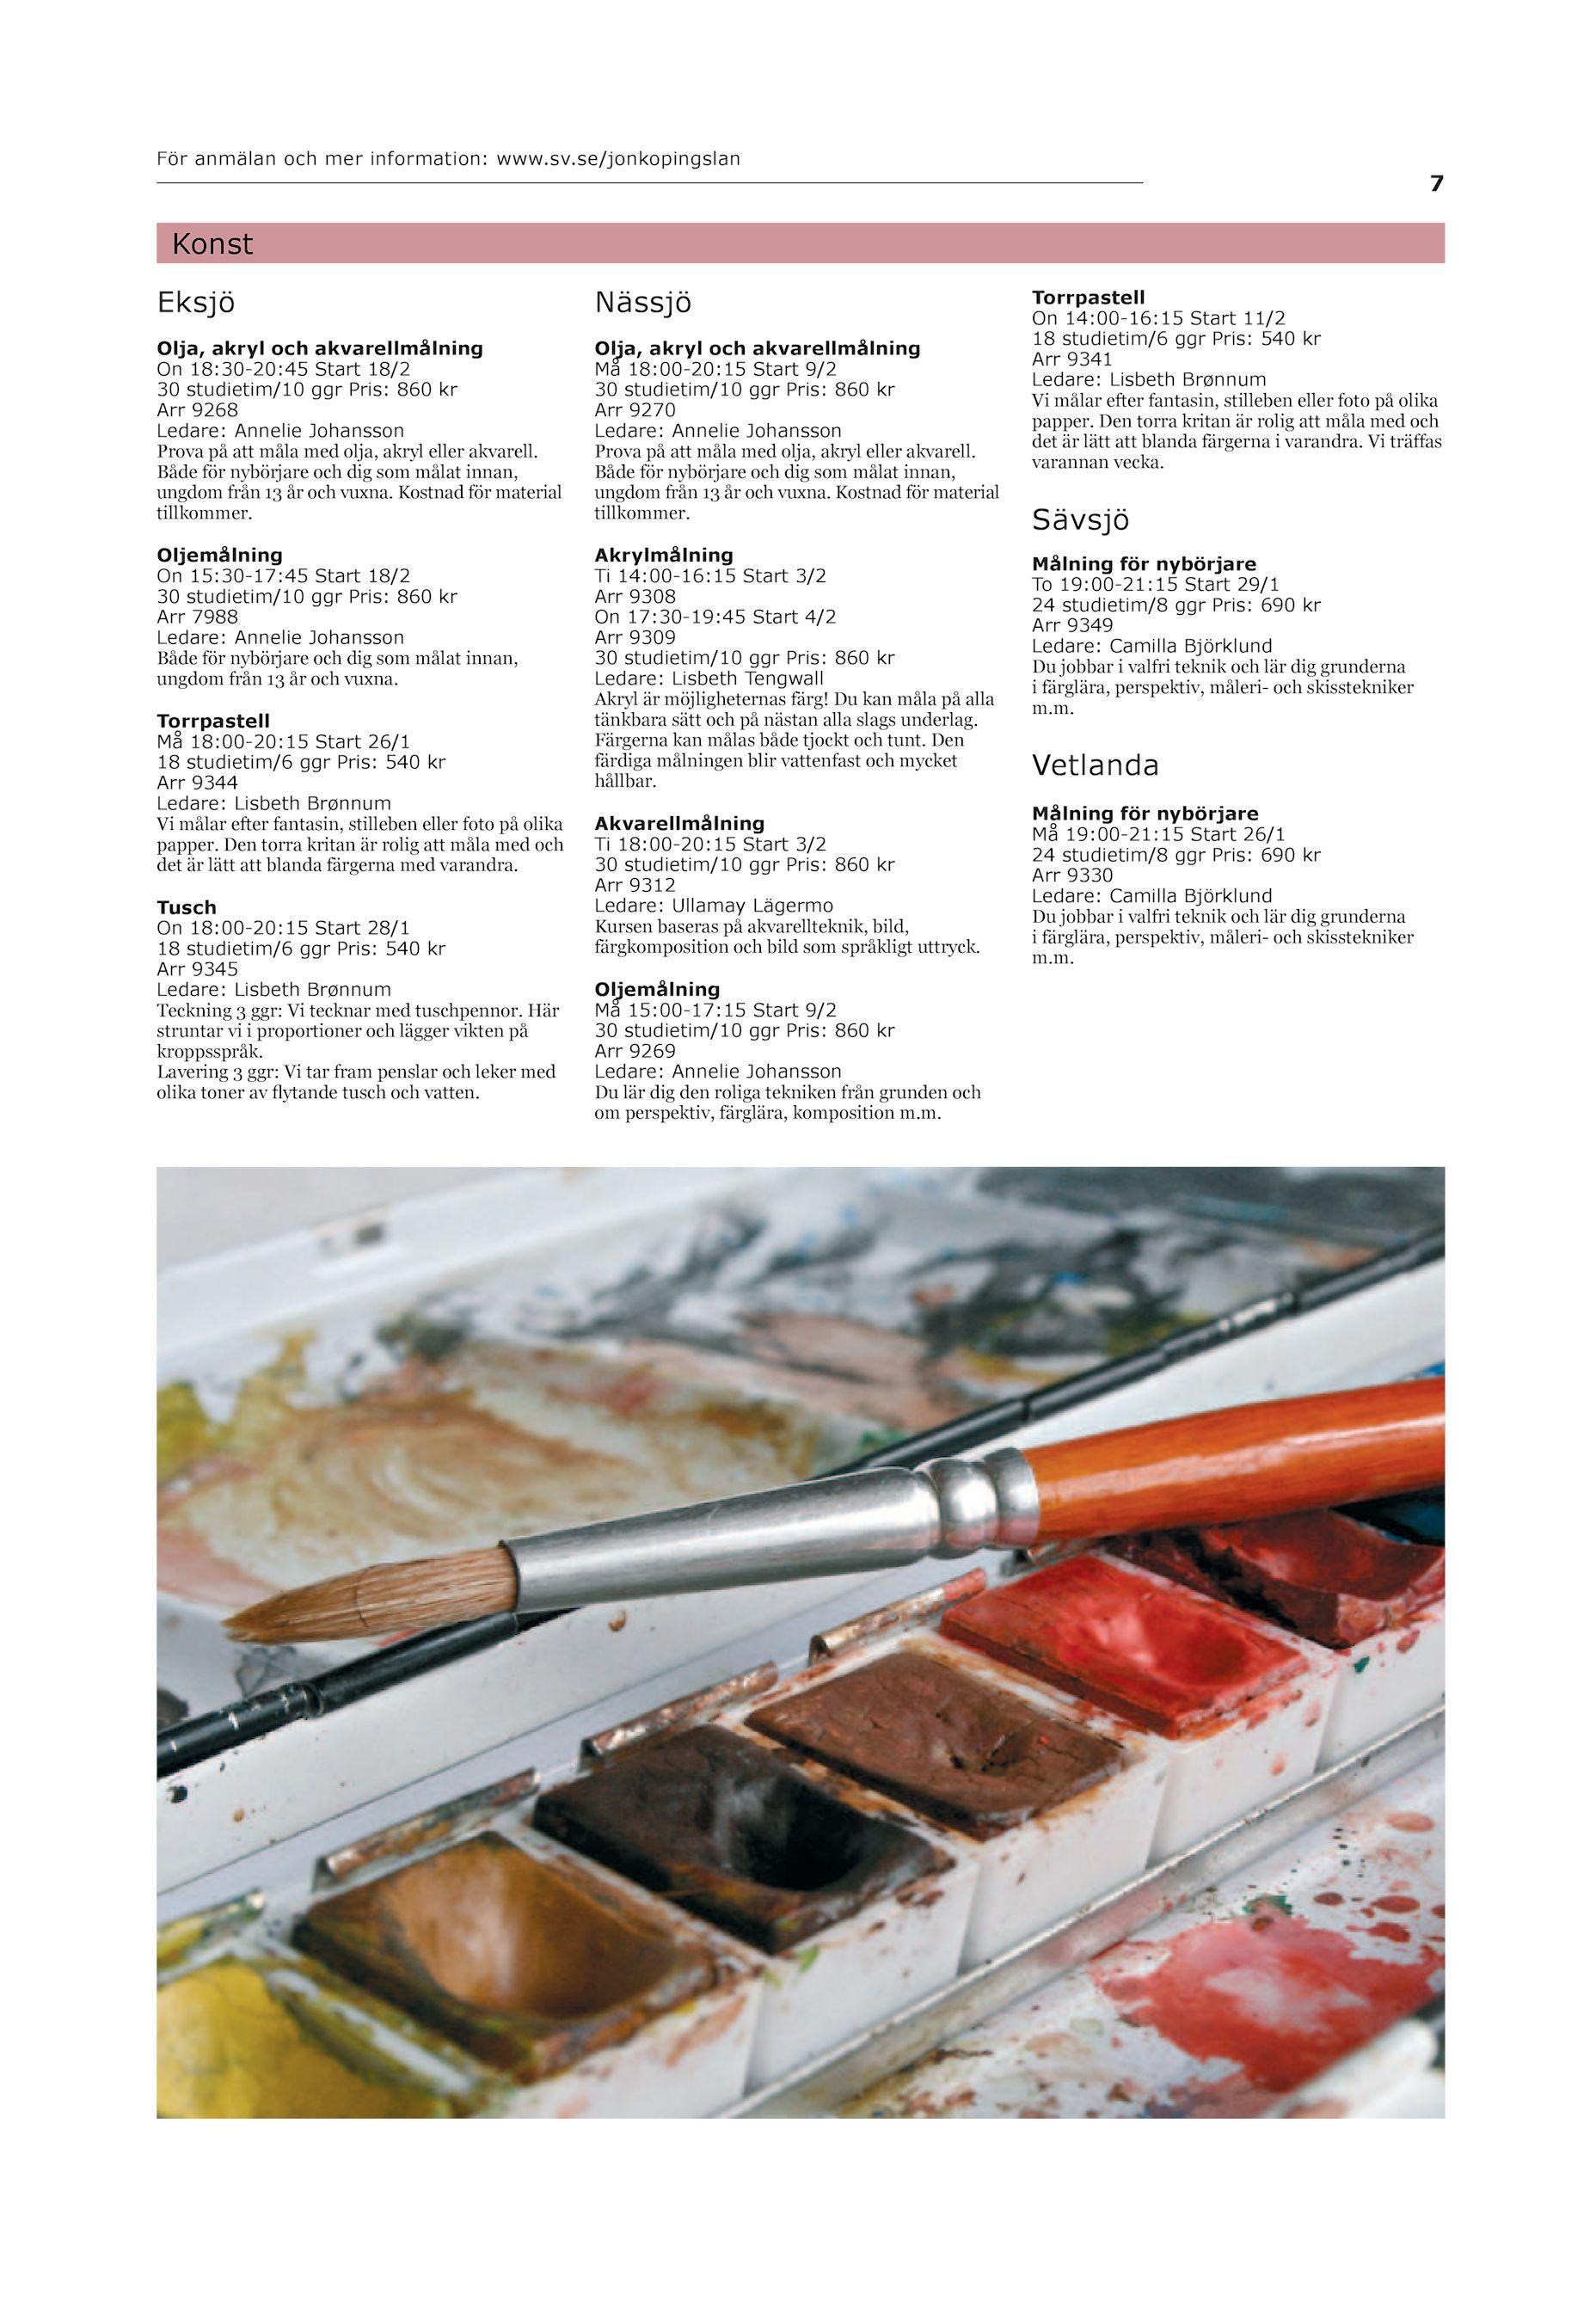 Höglandet.nu HNU-20150114 (endast text) 6630a0d98d04d